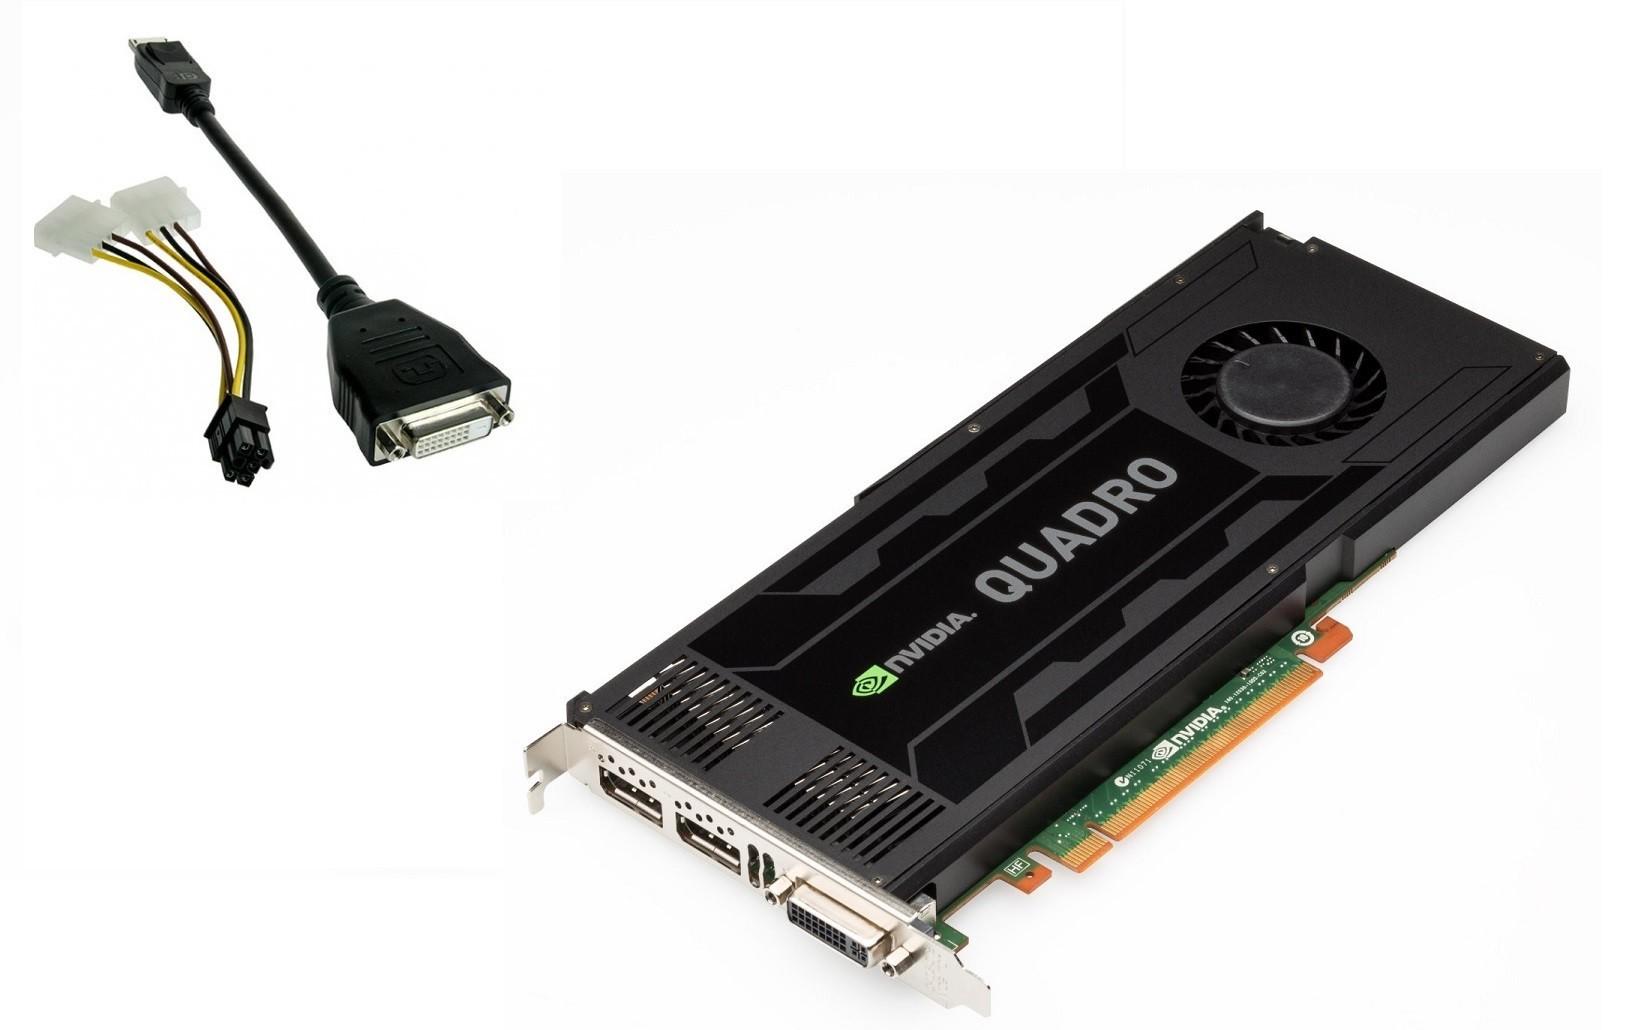 3GB nVIDIA Quadro K4000 DVI-I 2x Display Ports GDDR5 PCI Express 2.0 x16 OEM 900-52033-0000-000